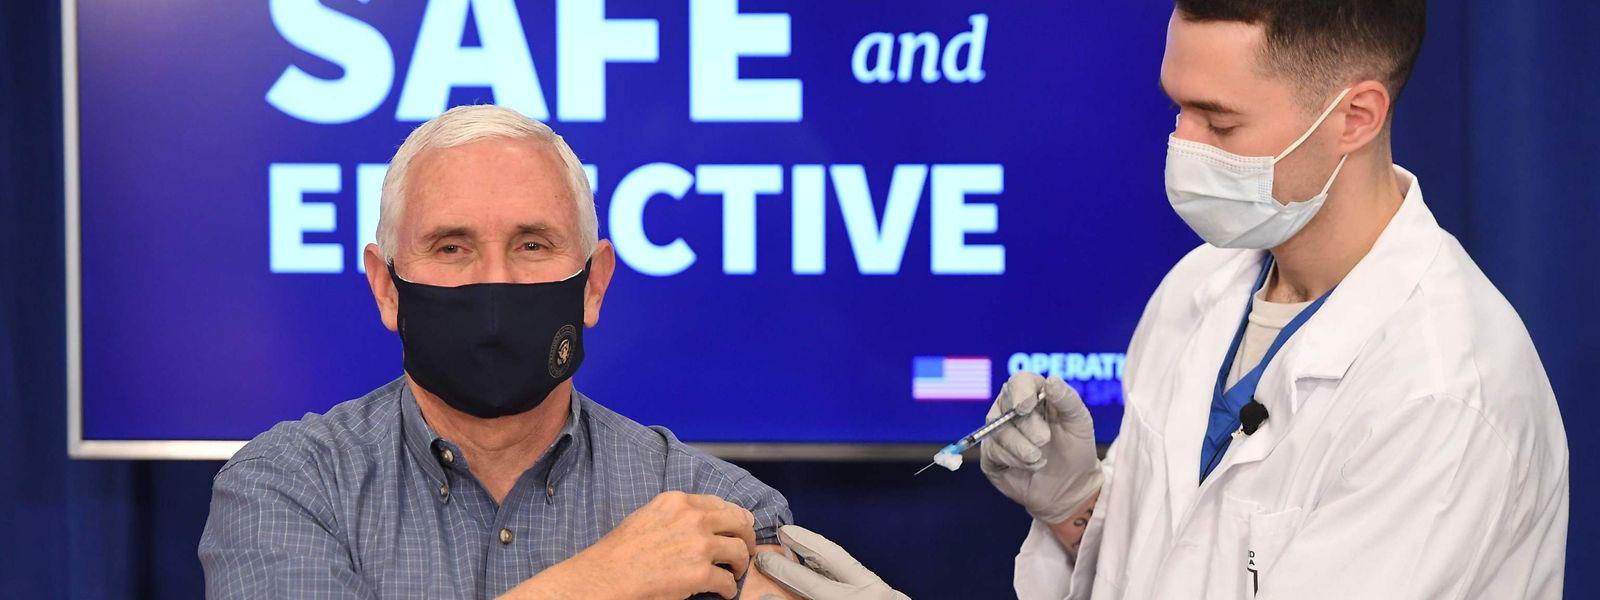 US-Vizepräsident Mike Pence bei seiner Impfung, die Live übertragen wurde.